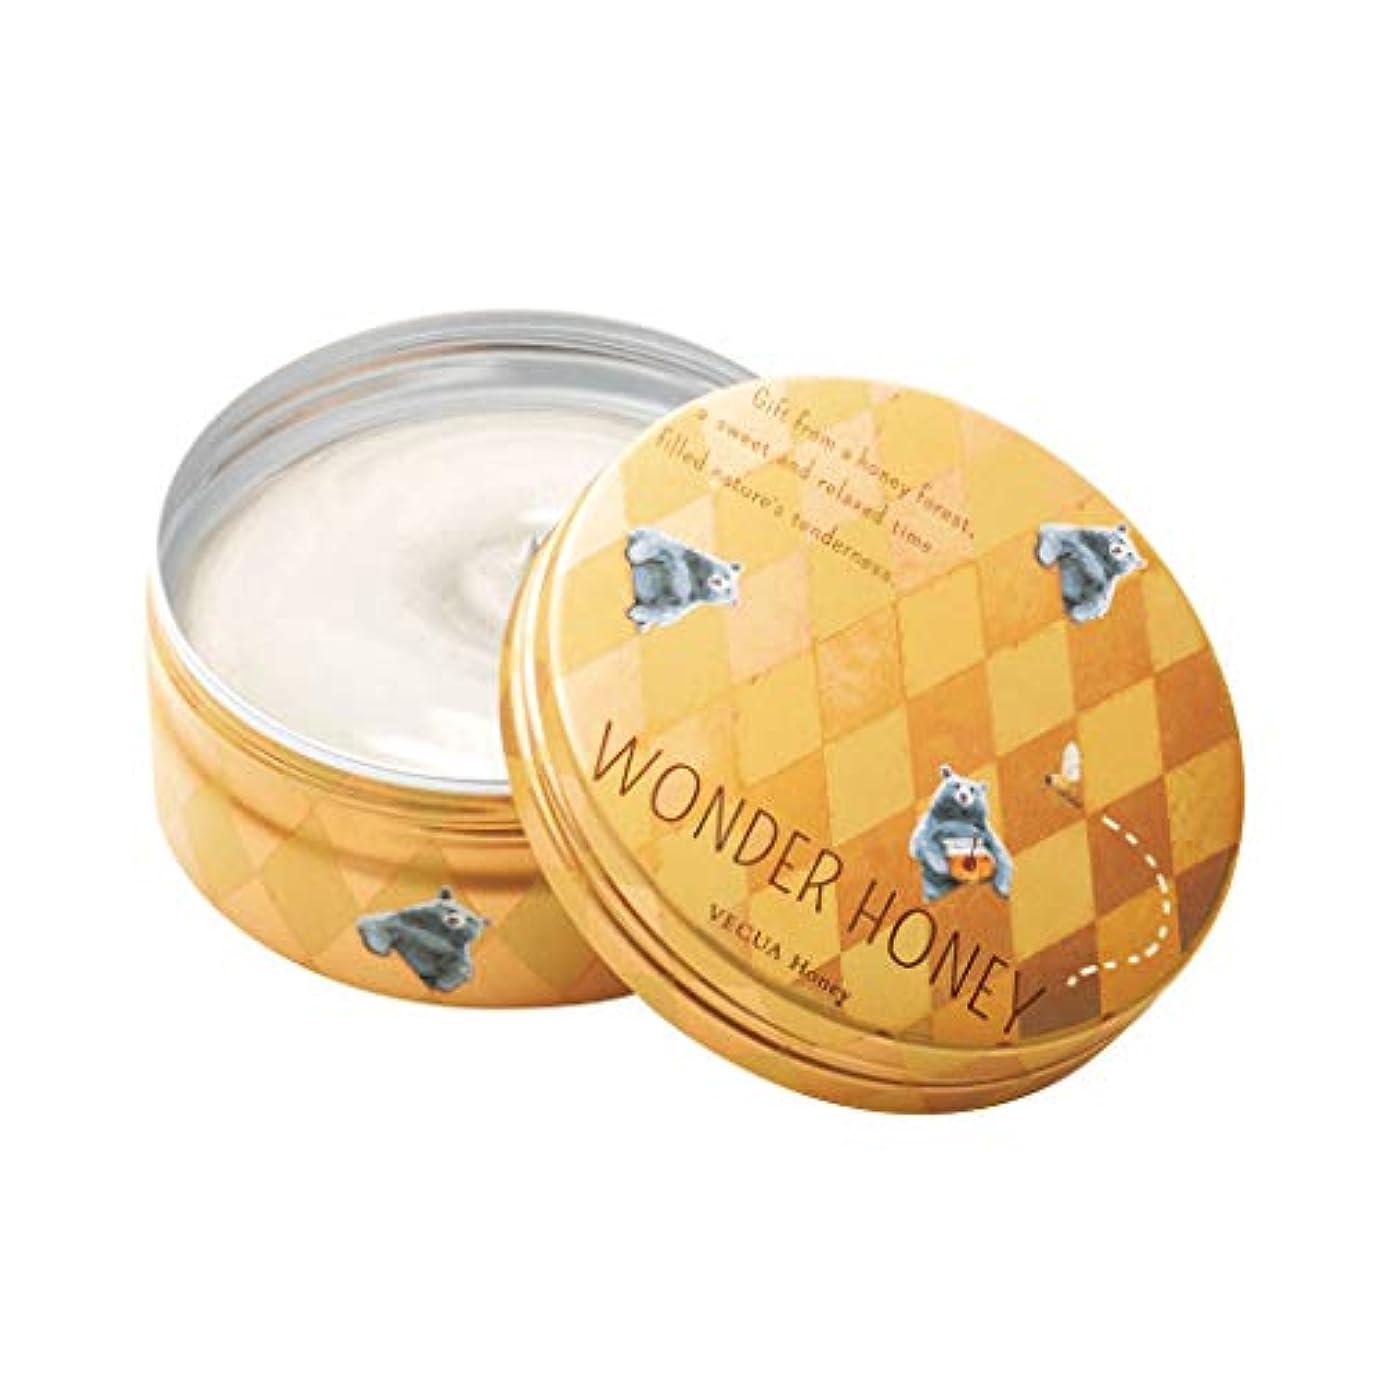 本質的に悔い改め本部ベキュア ハニー(VECUA Honey) ワンダーハニー 濃蜜マルシェのクリームバーム アーガイル 75g